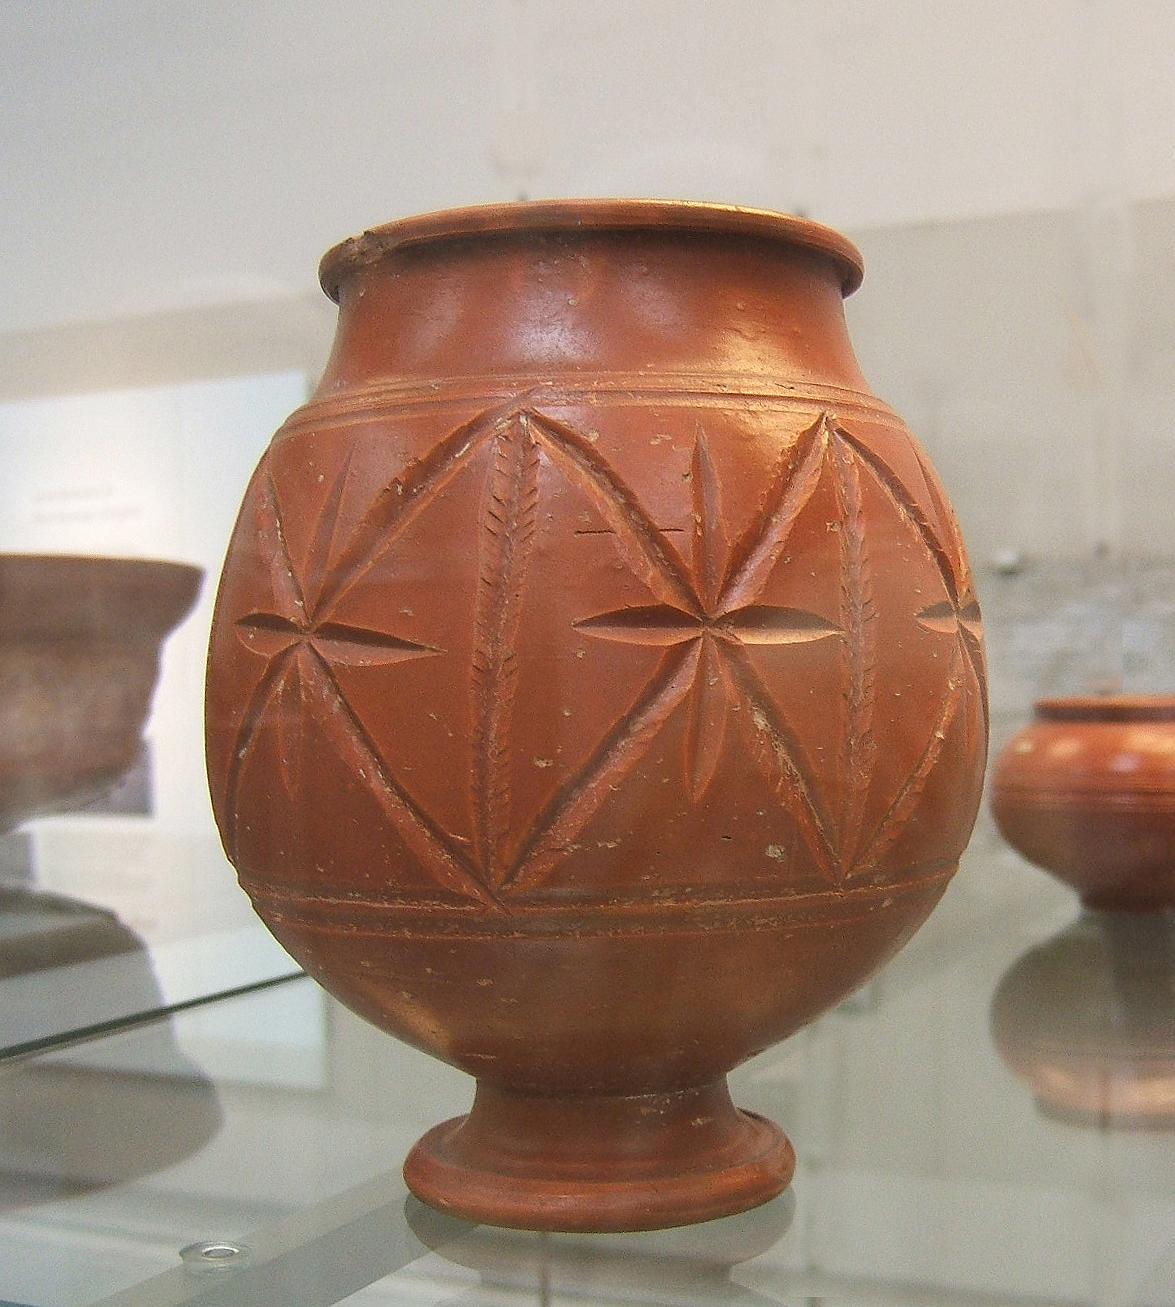 toscana estilo rstico cermica de la terracota urnas de cermica jarrones de cermica italiana